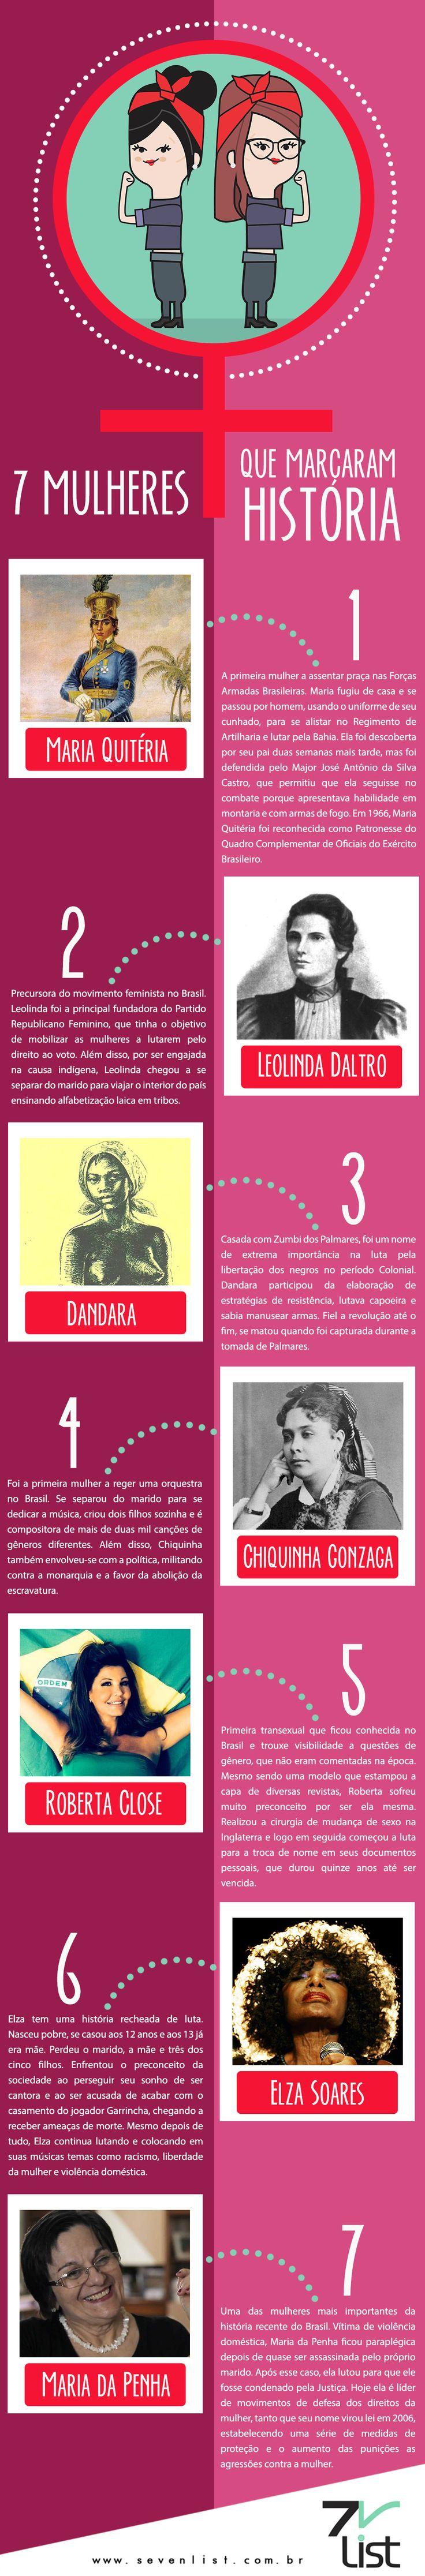 """8 de março, Dia Internacional da Mulher. Uma data onde muitas mulheres recebem homenagens, flores e felicitações por serem """"aquelas que os homens não vivem sem"""". Só para esclarecer, não há problemas com as flores, desde que elas venham acompanhadas de respeito em todos os outros dias. #woman #GirlPower #DiadaMulher #History #MulheresFortes #Respeito #Art #SevenList #Infográfico"""